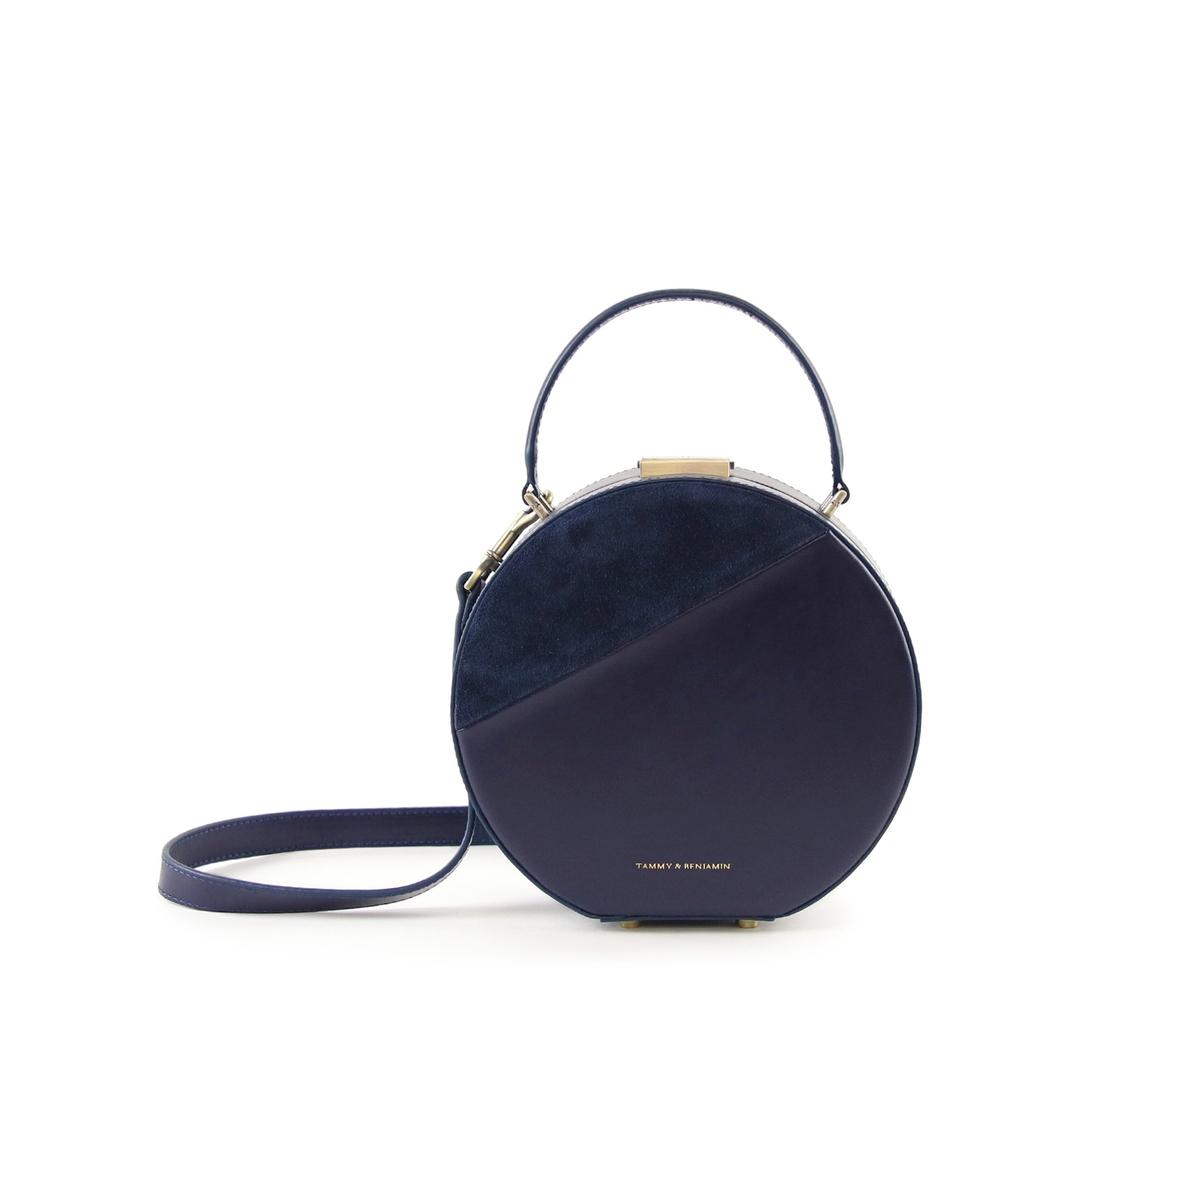 Сумка La Redoute Круглая из двух материалов HATBOX MINI COWHIDE единый размер синий